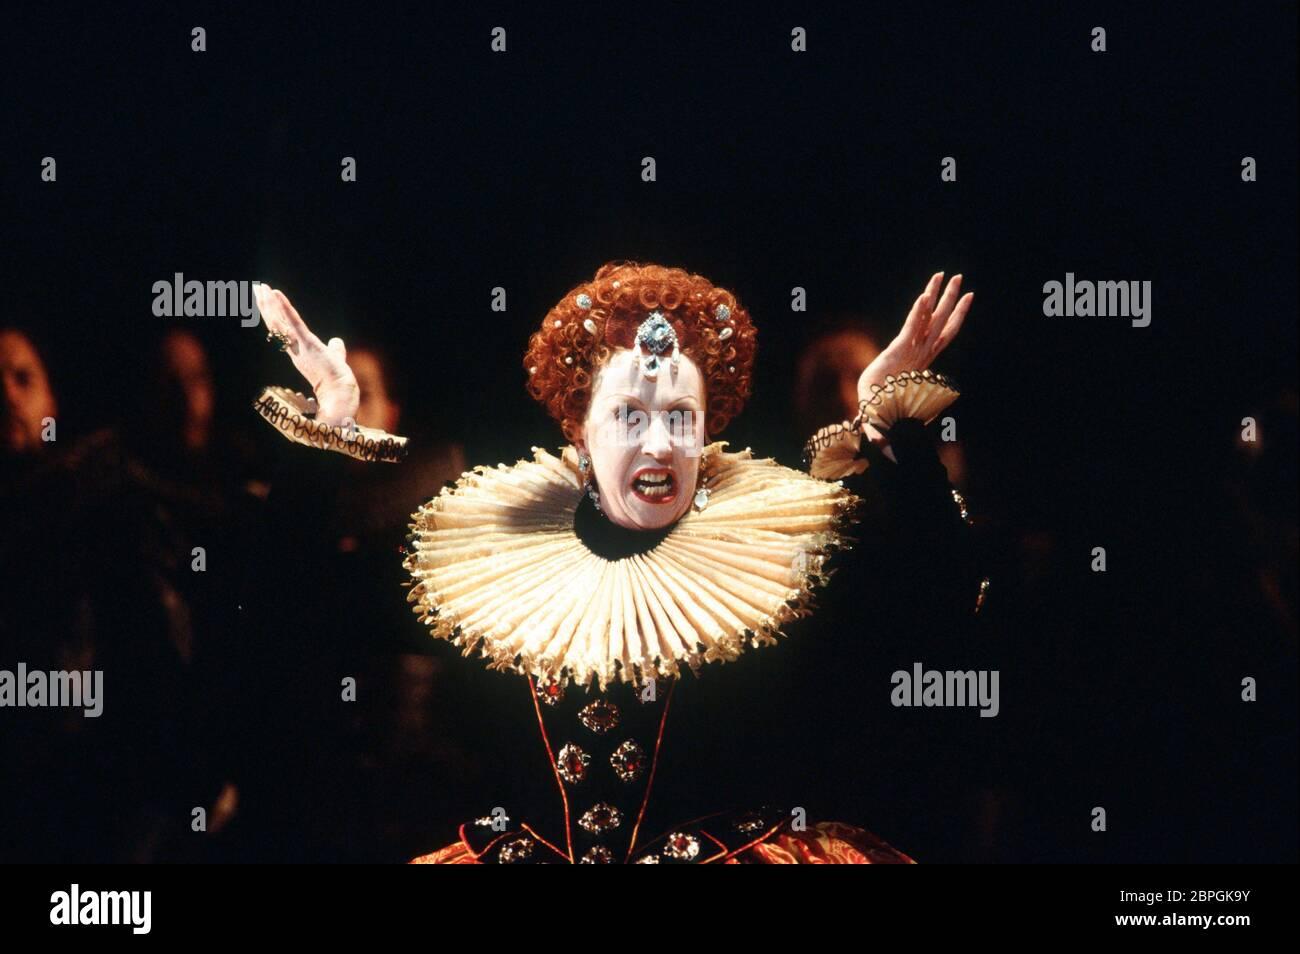 Josephine Barstow (Reina Isabel I) en GLORIANA por Benjamin Britten en Opera North, Leeds, Inglaterra en 1993 libreto: William Plomer basado en 'Elizabeth y Essex: A trágica Historia' por Lytton Strachey director: Paul Daniel diseño: Anthony Ward director: Phyllida Lloyd Foto de stock